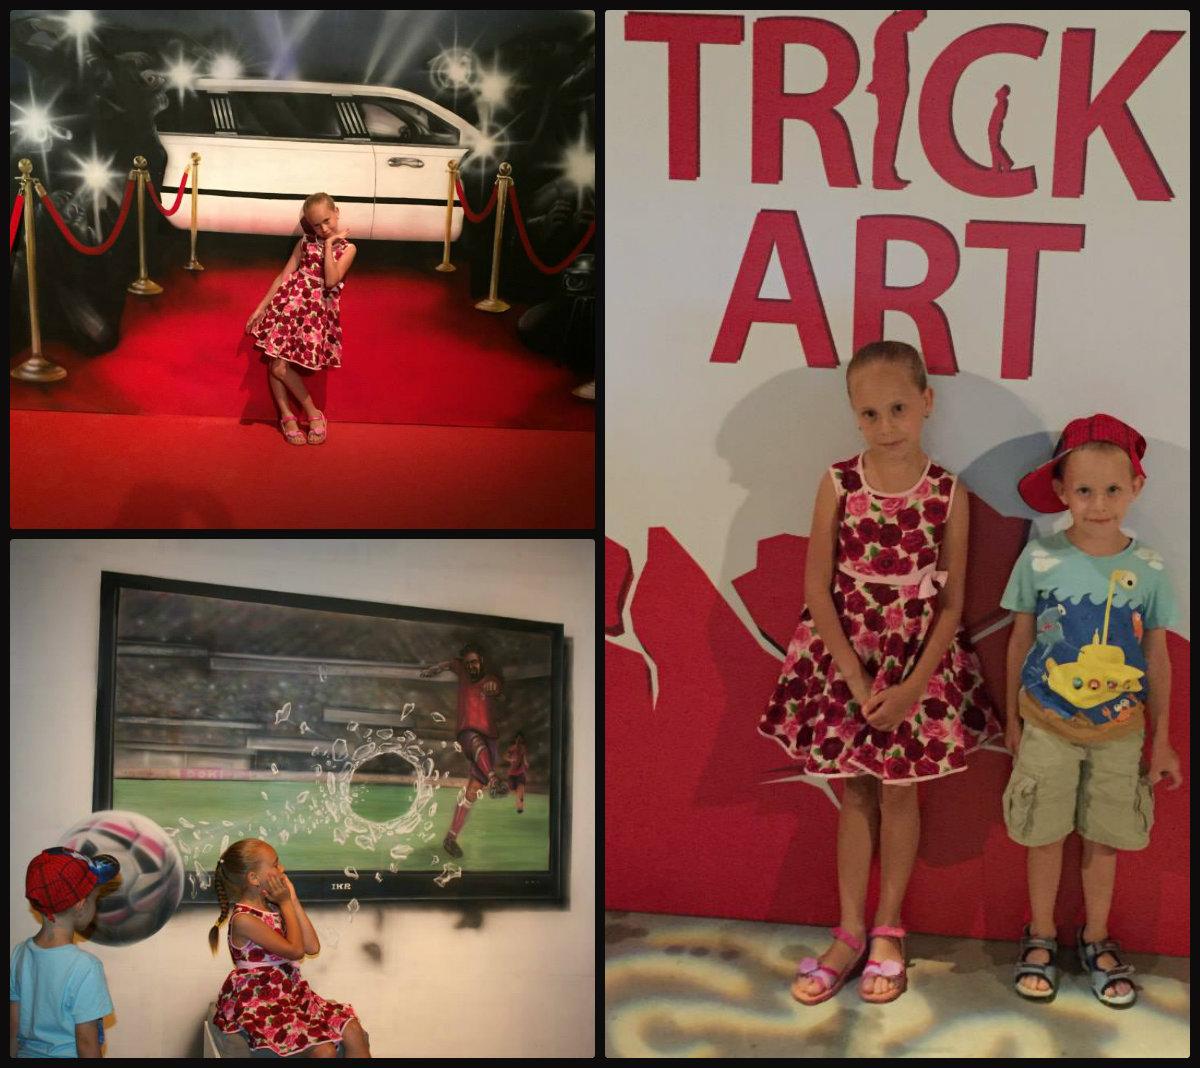 Впервые в Израиле: Trick Art – выставка оптических иллюзий